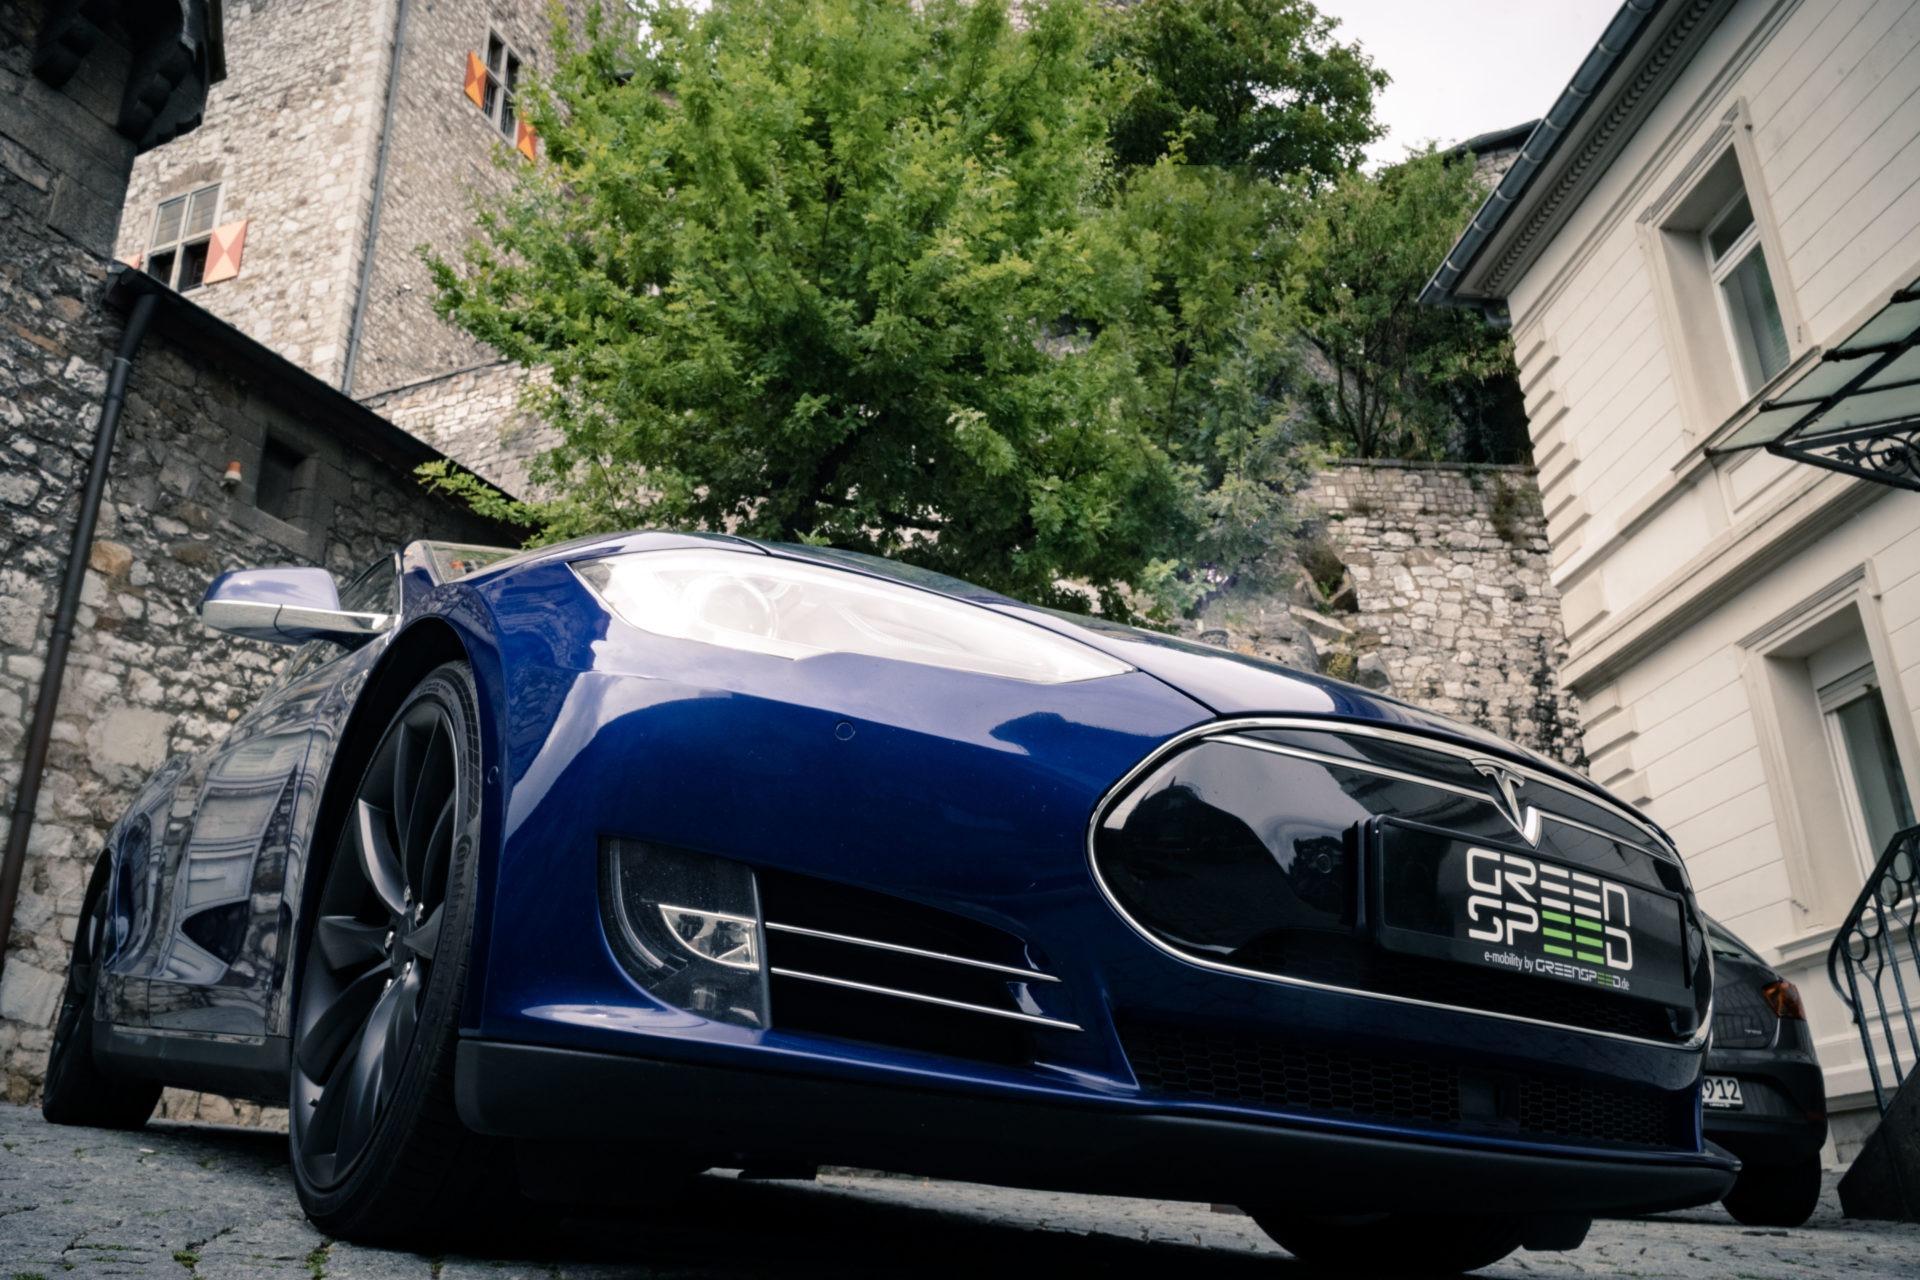 Tesla Model S90D blau metallic Autopilot Panorama Schiebedach Smart Air U-HiFi Allrad Turbine Felgen Supercharger Greenspeed emobility Aachen Deutschland NRW Euregio Autohändler Gebrauchtwagen kaufen